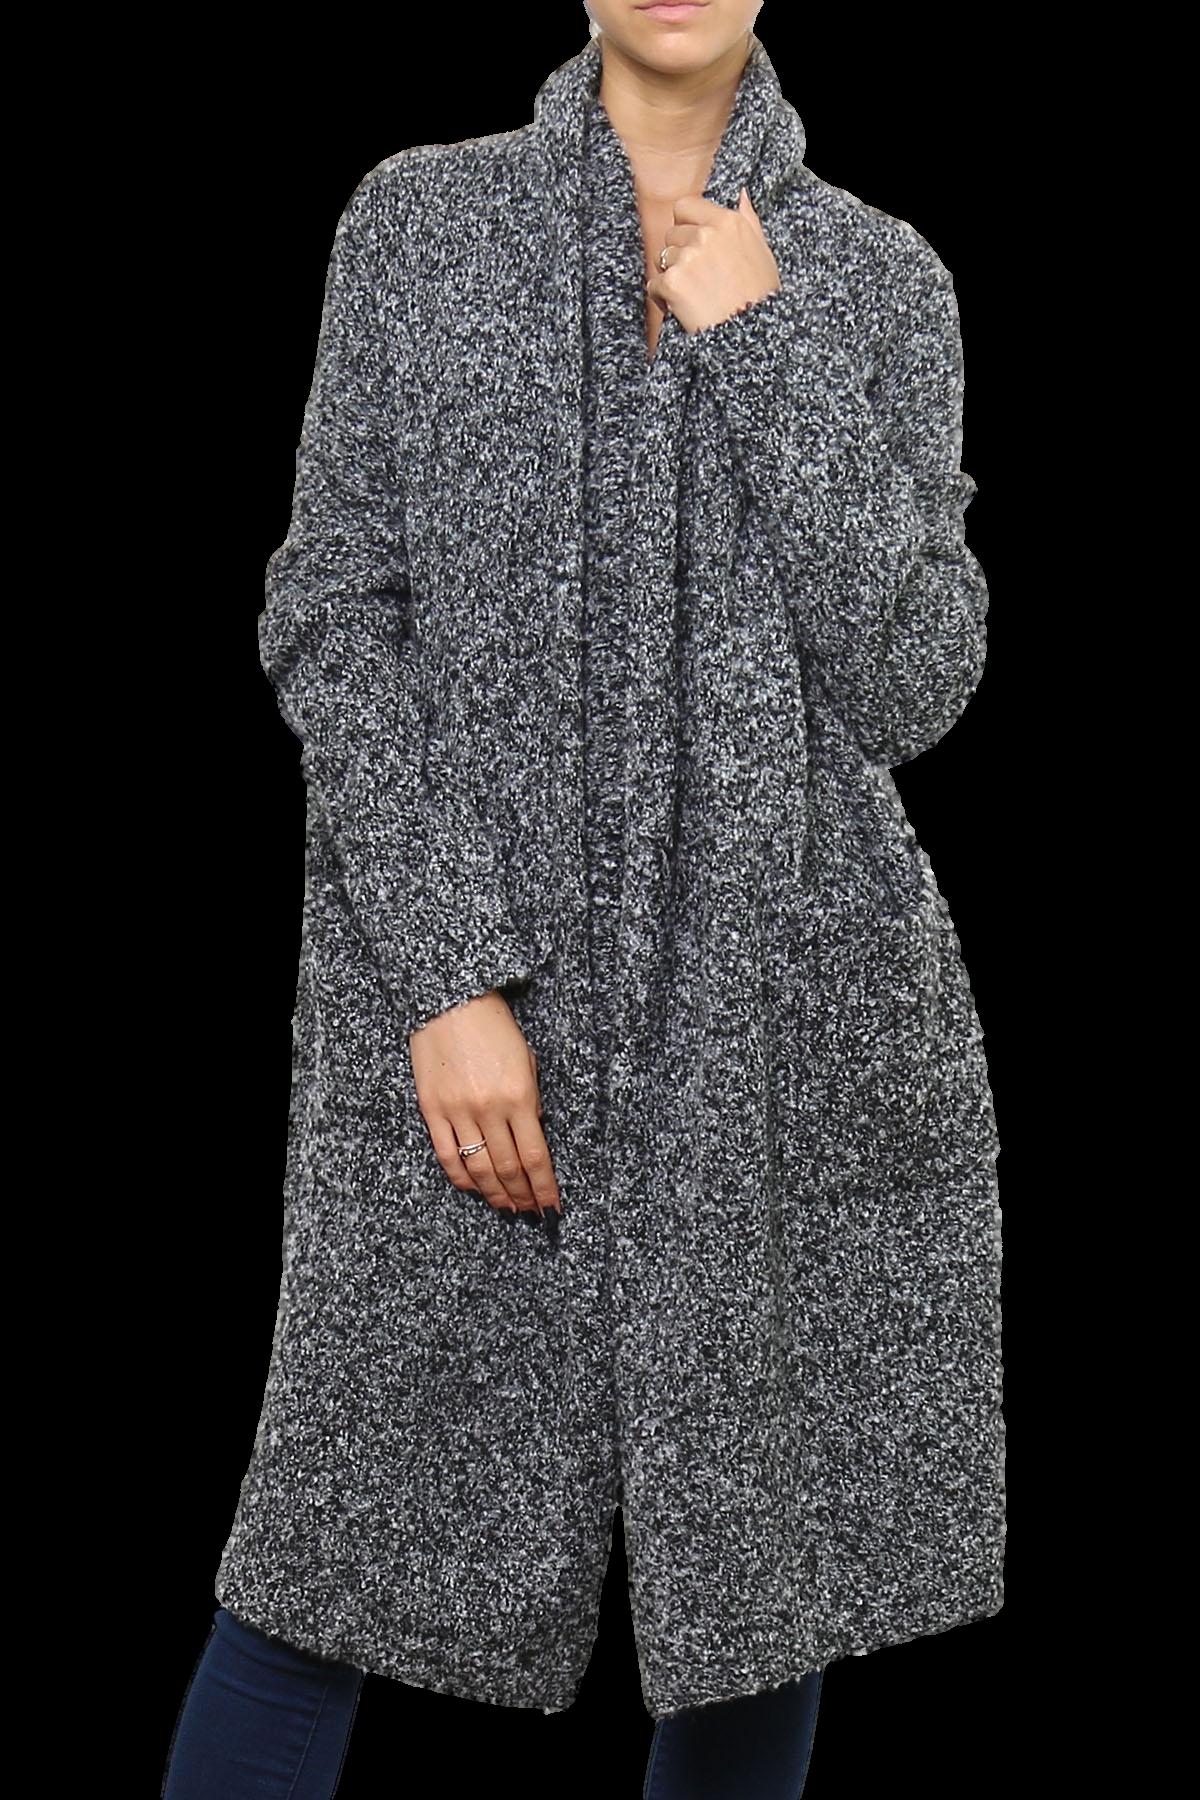 manteau gilet long laine bouclette ample gris chin hiver argentina gris ebay. Black Bedroom Furniture Sets. Home Design Ideas